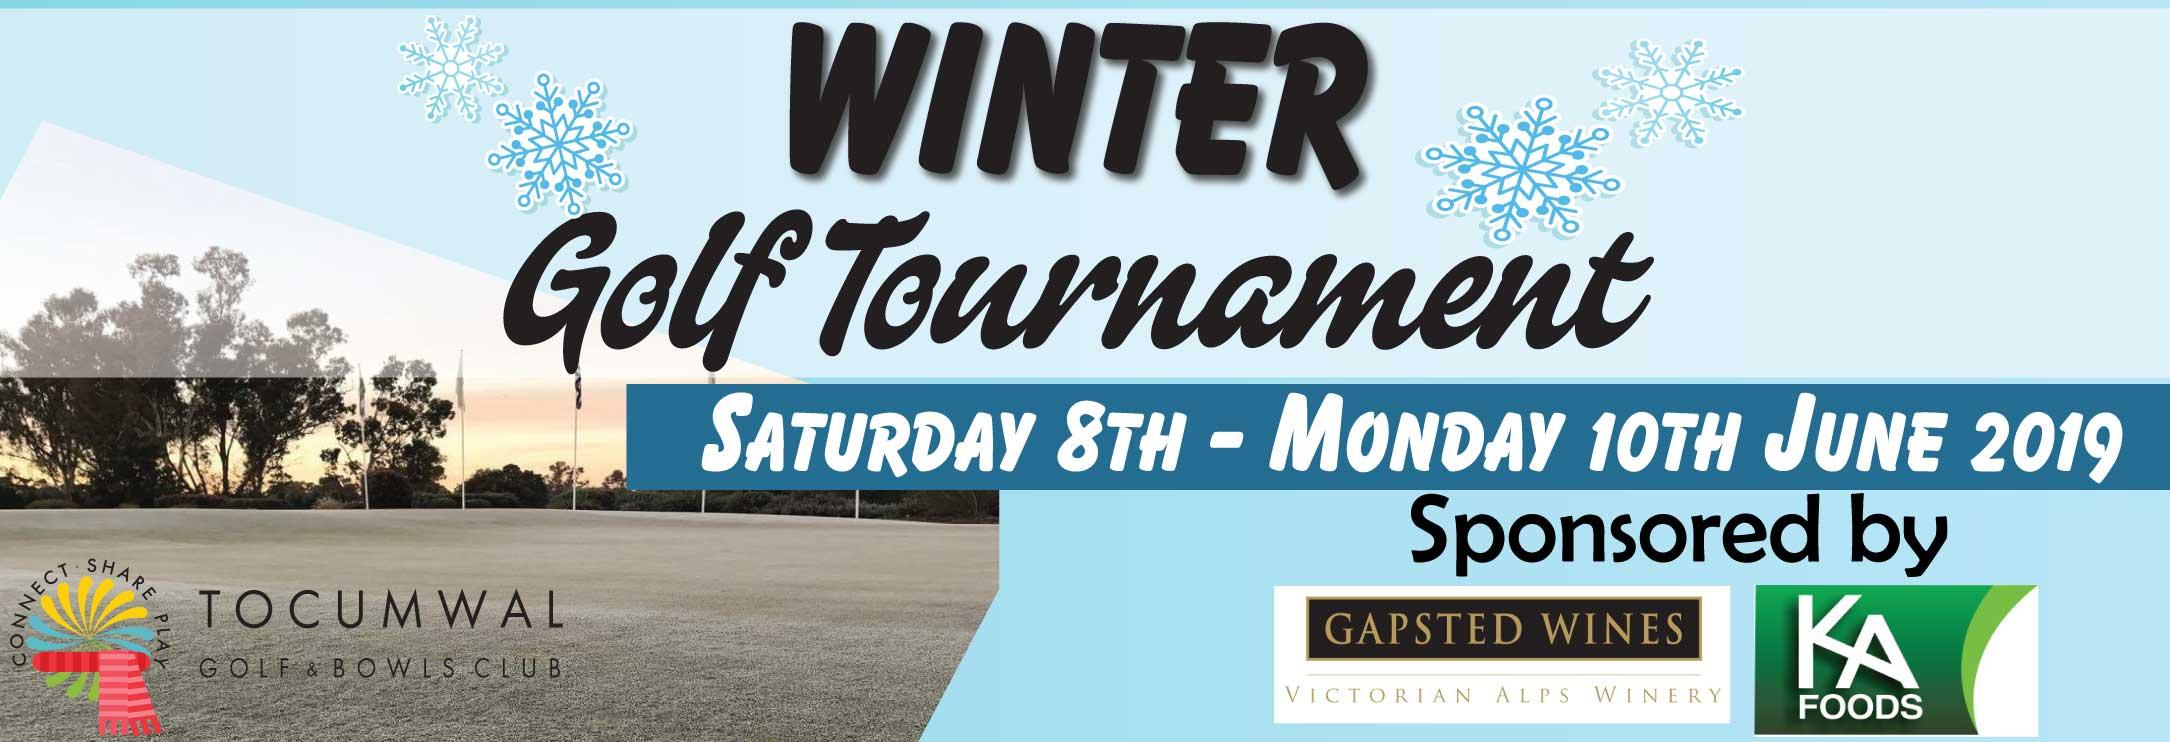 Winter-Golf-tournament-Banner